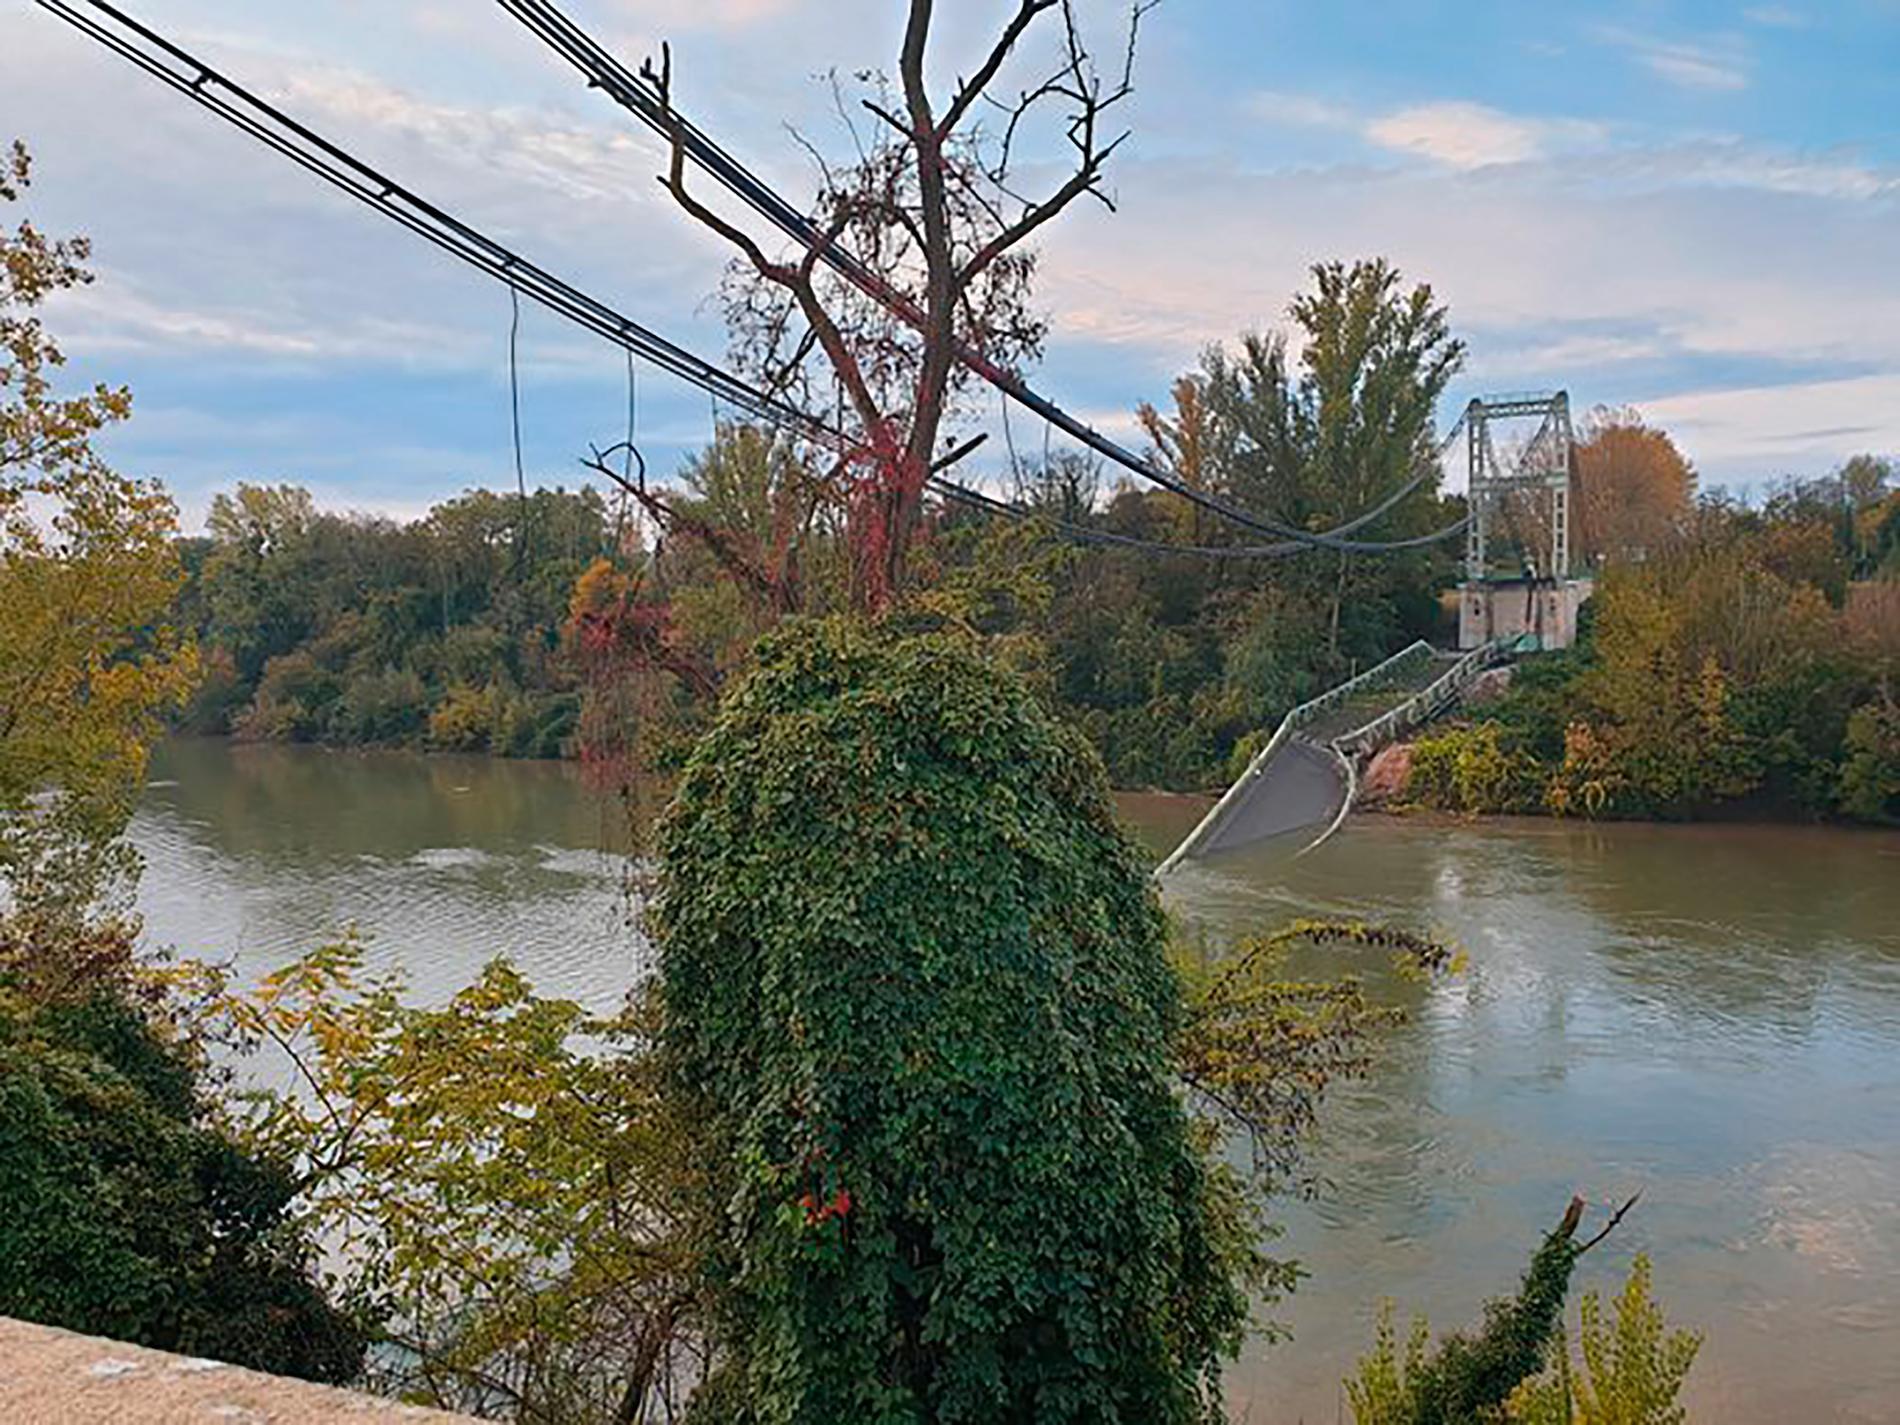 Två personer omkom när bron mellan Mirepoix-sur-Tarn och Bessières nära Toulouse kollapsade på måndagen.